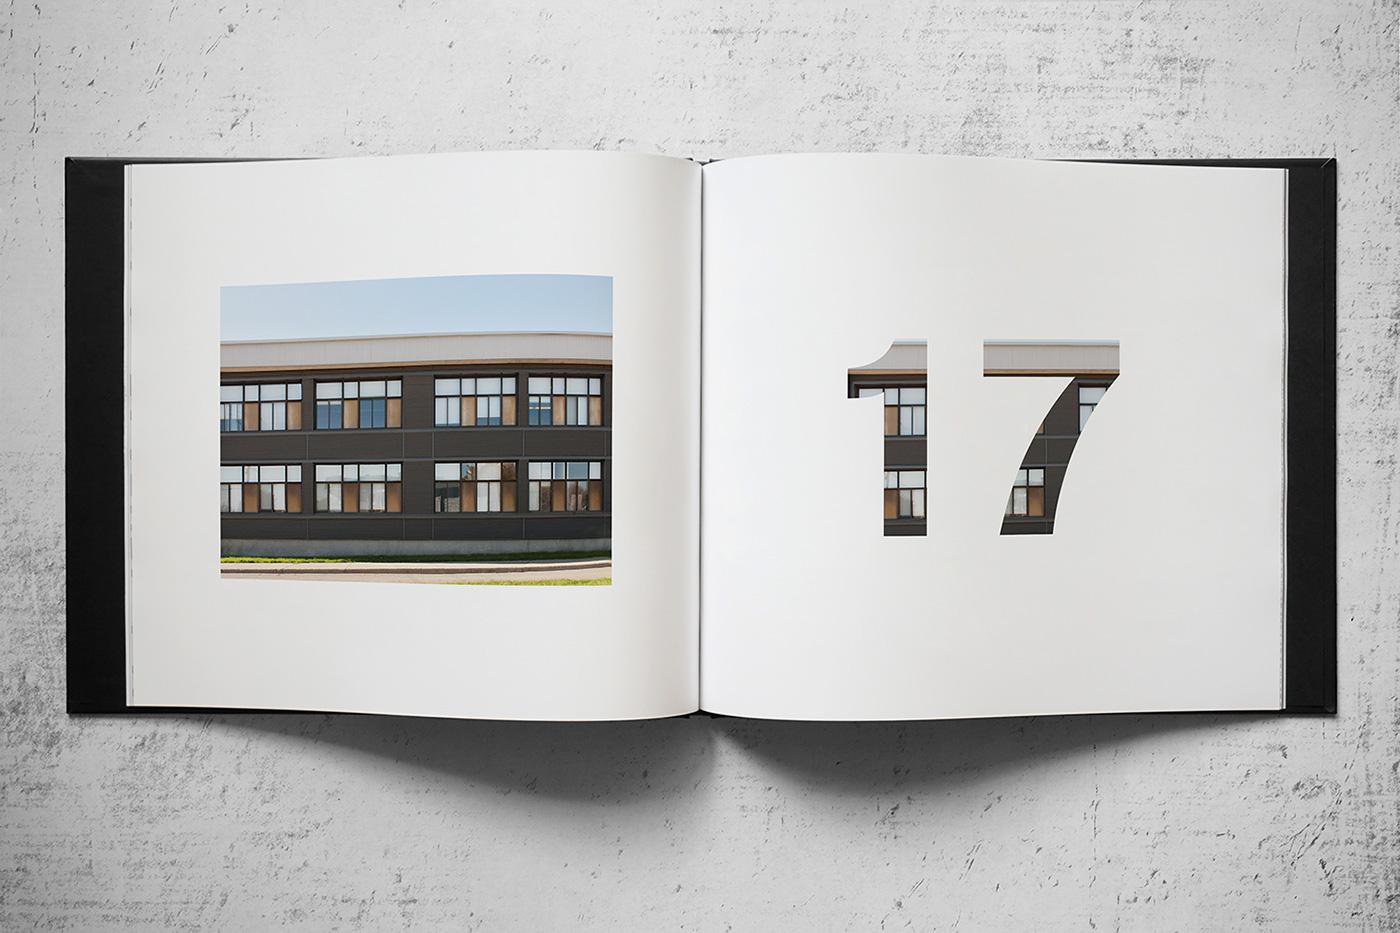 book coffee table modular grid DKA modern elegant art editorial clean system architect